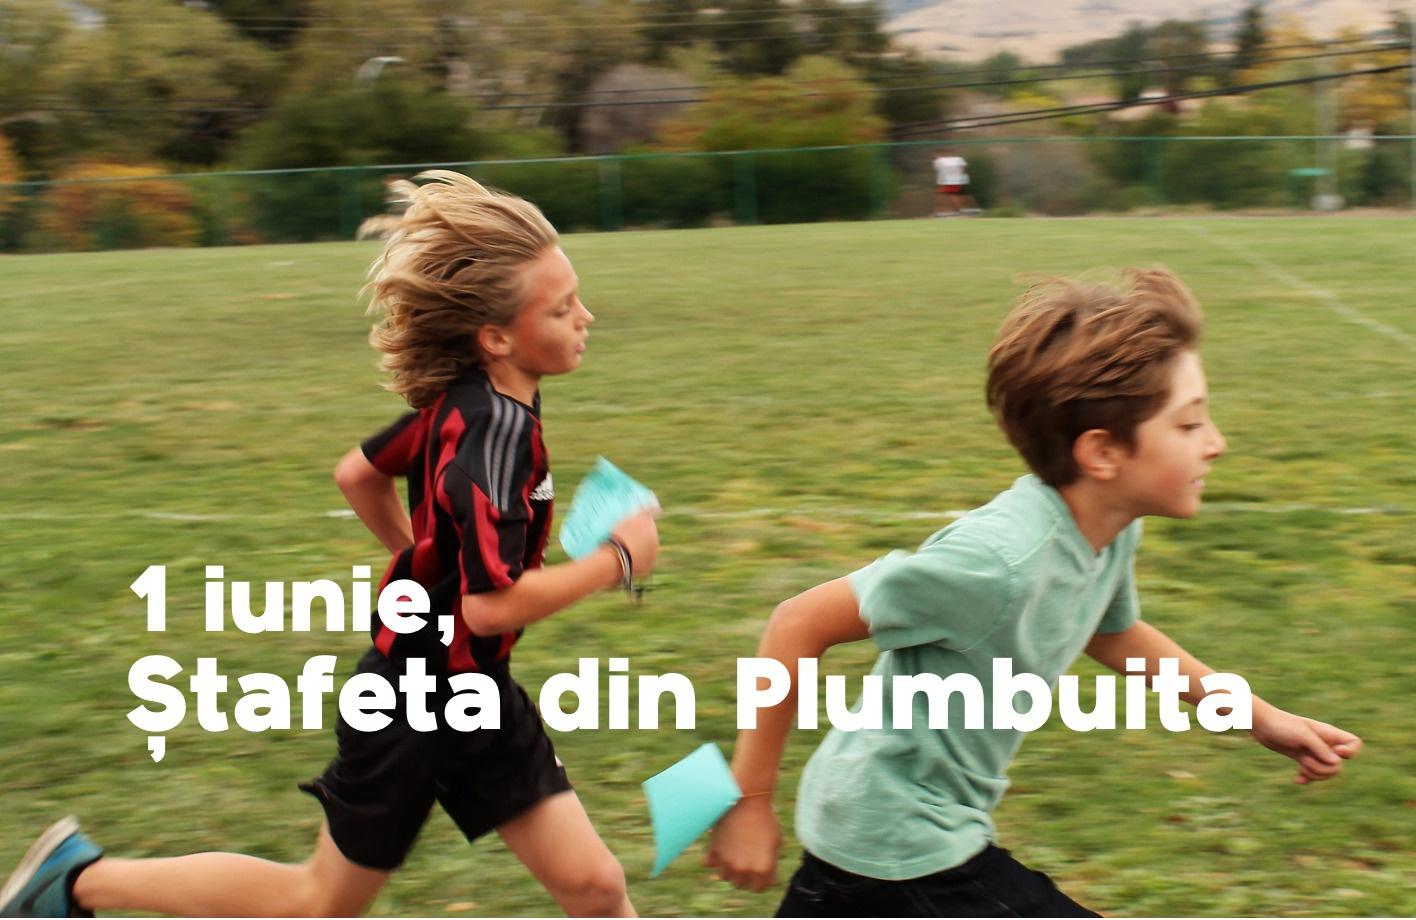 Primăria Sectorului 2 organizează Ștafeta din Plumbuita pentru copii de 1 iunie